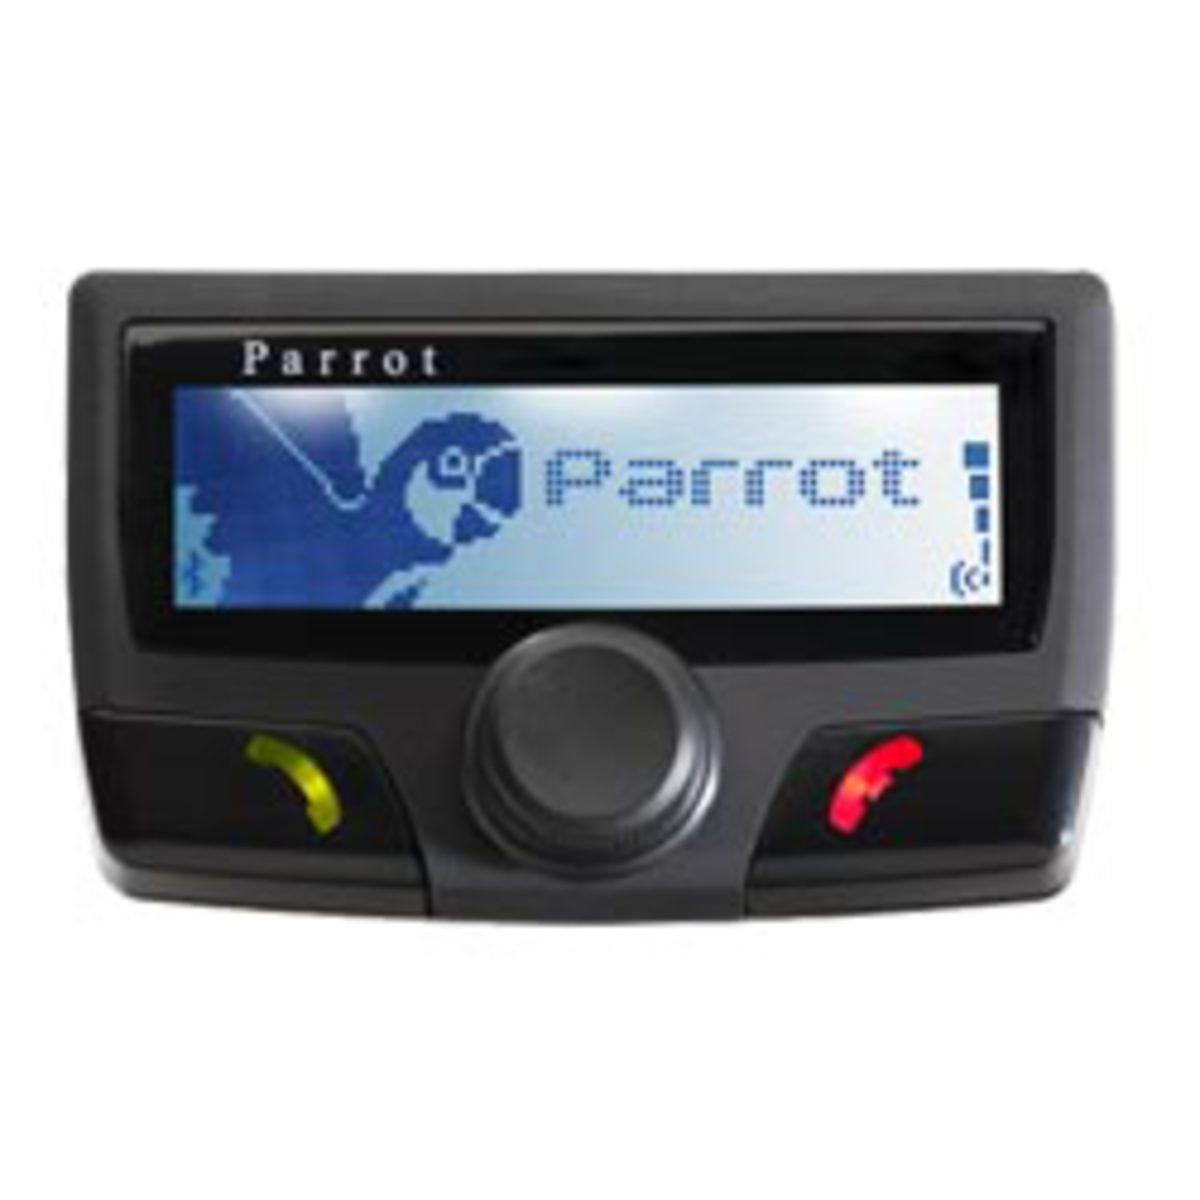 Parrot Freisprecheinrichtung »CK3100 LCD«